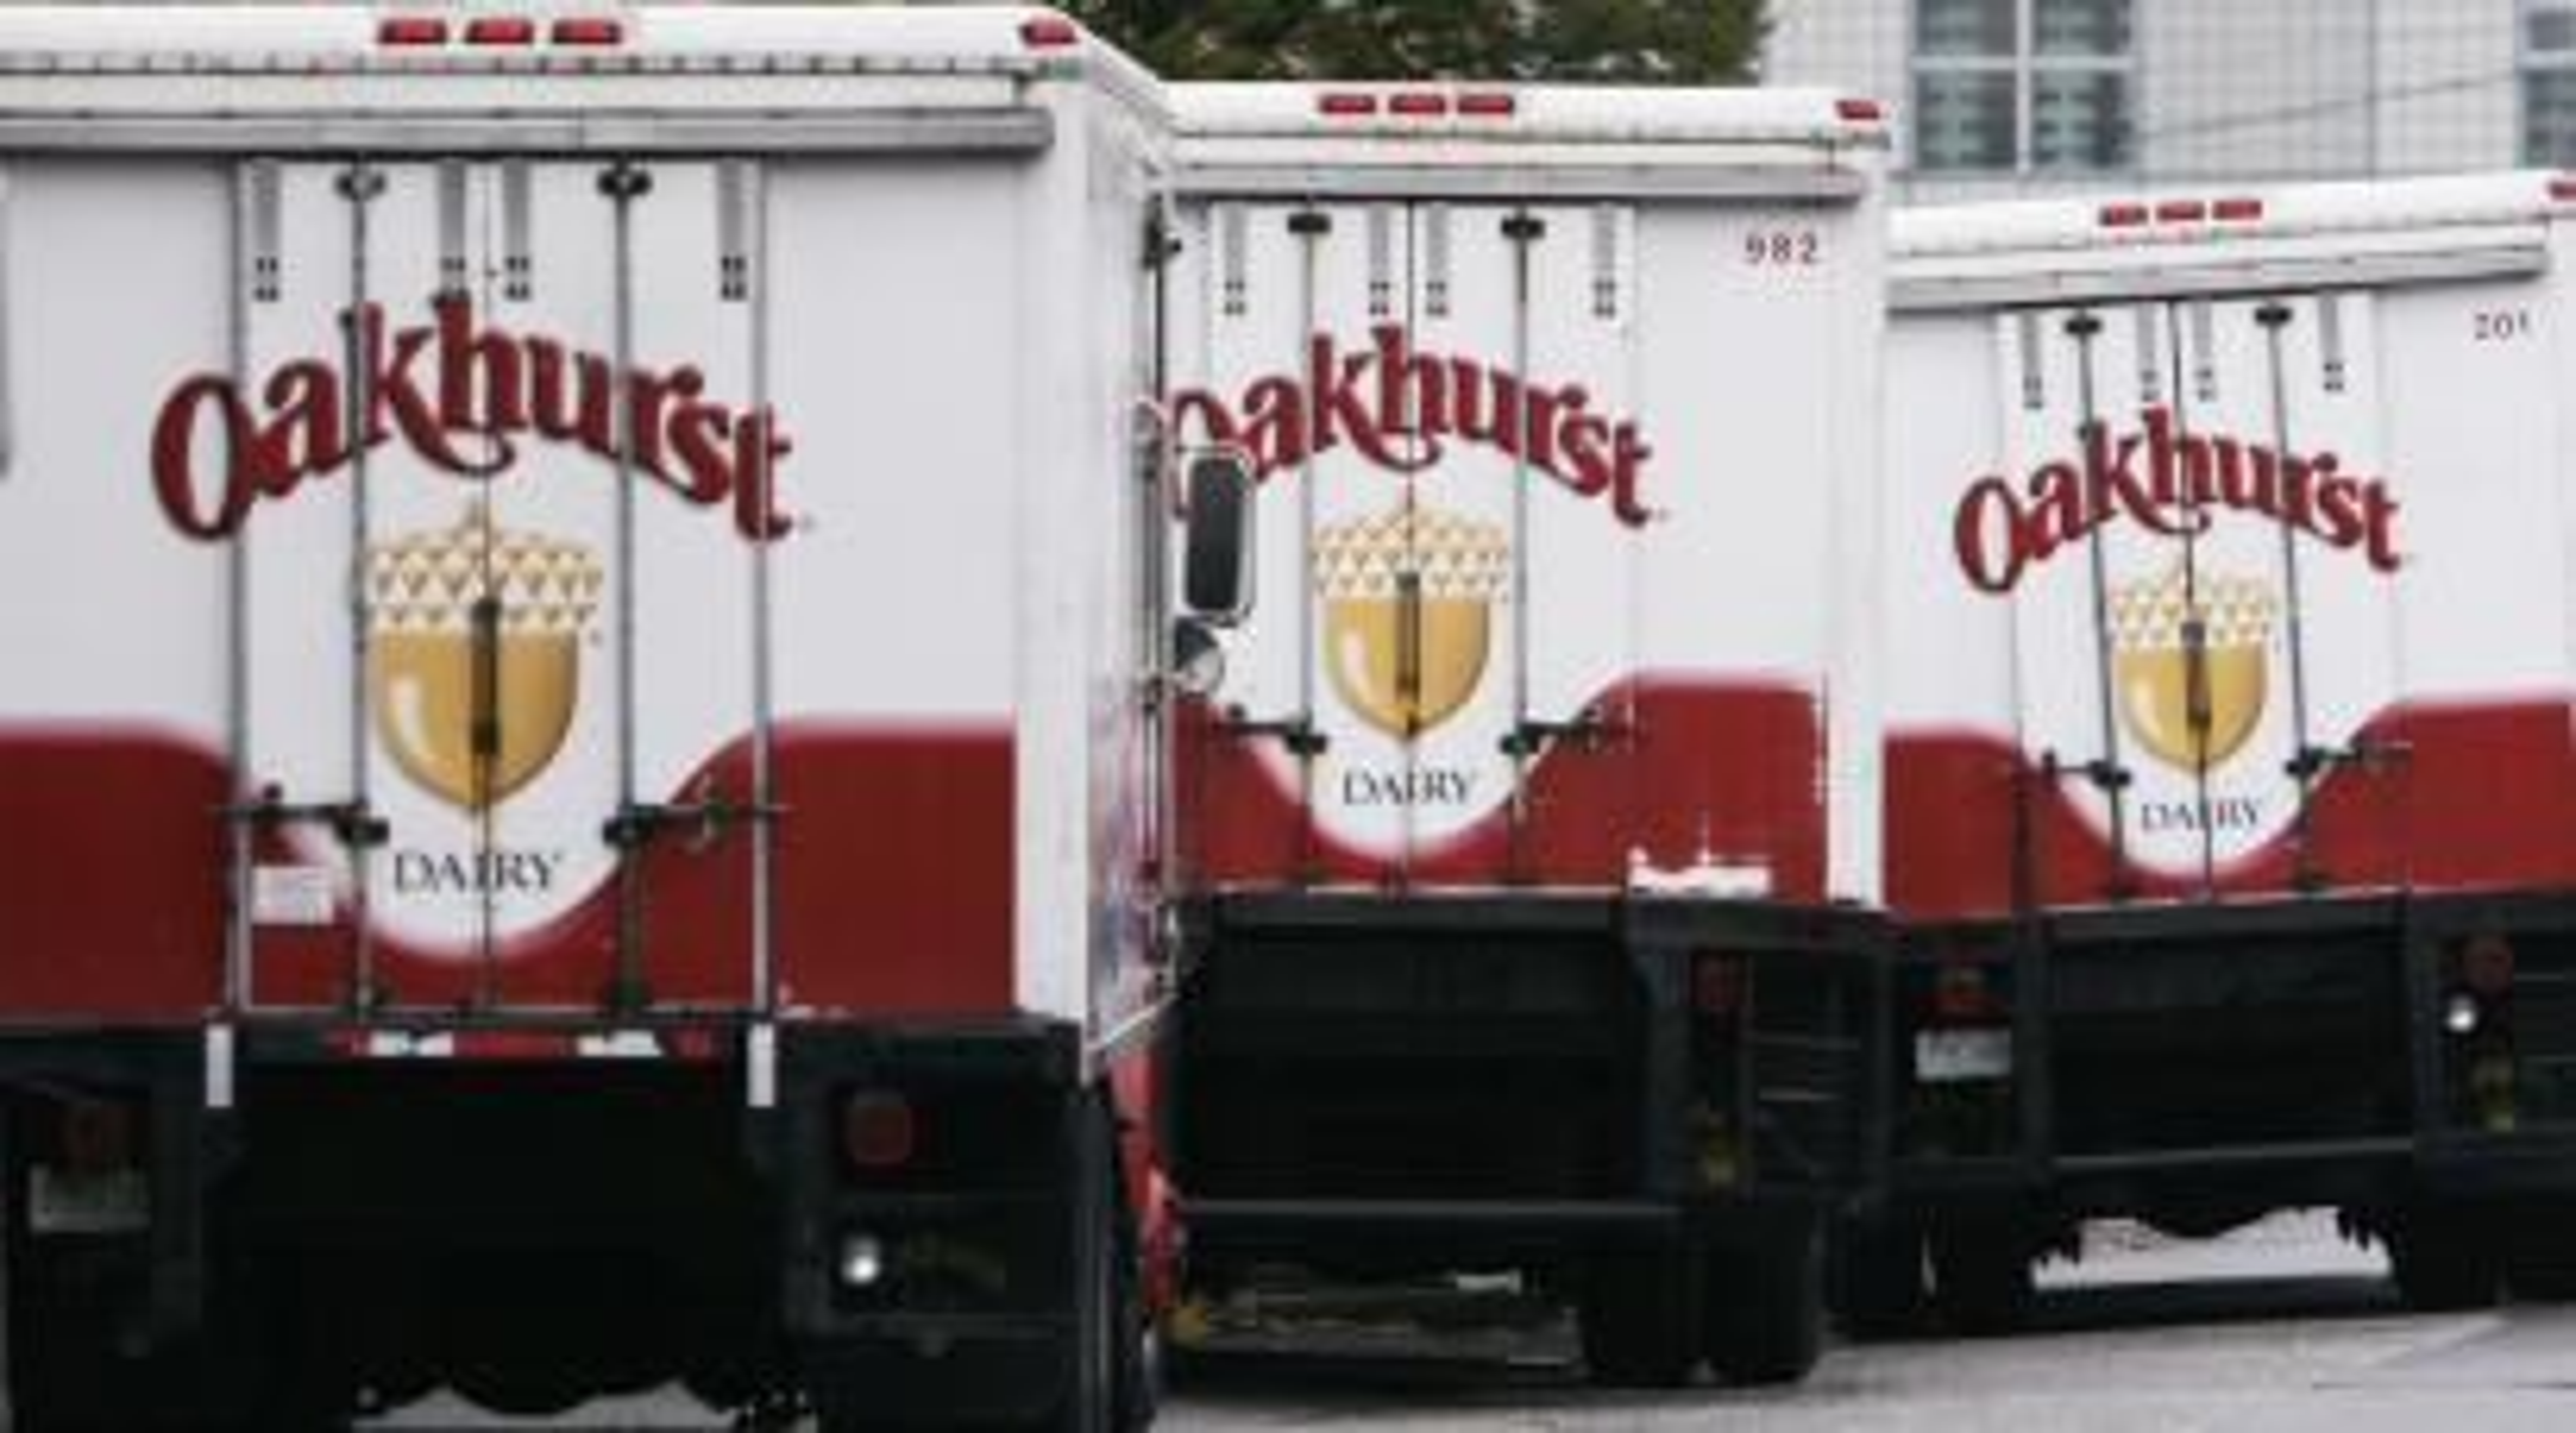 Oakhurst dairy trucks